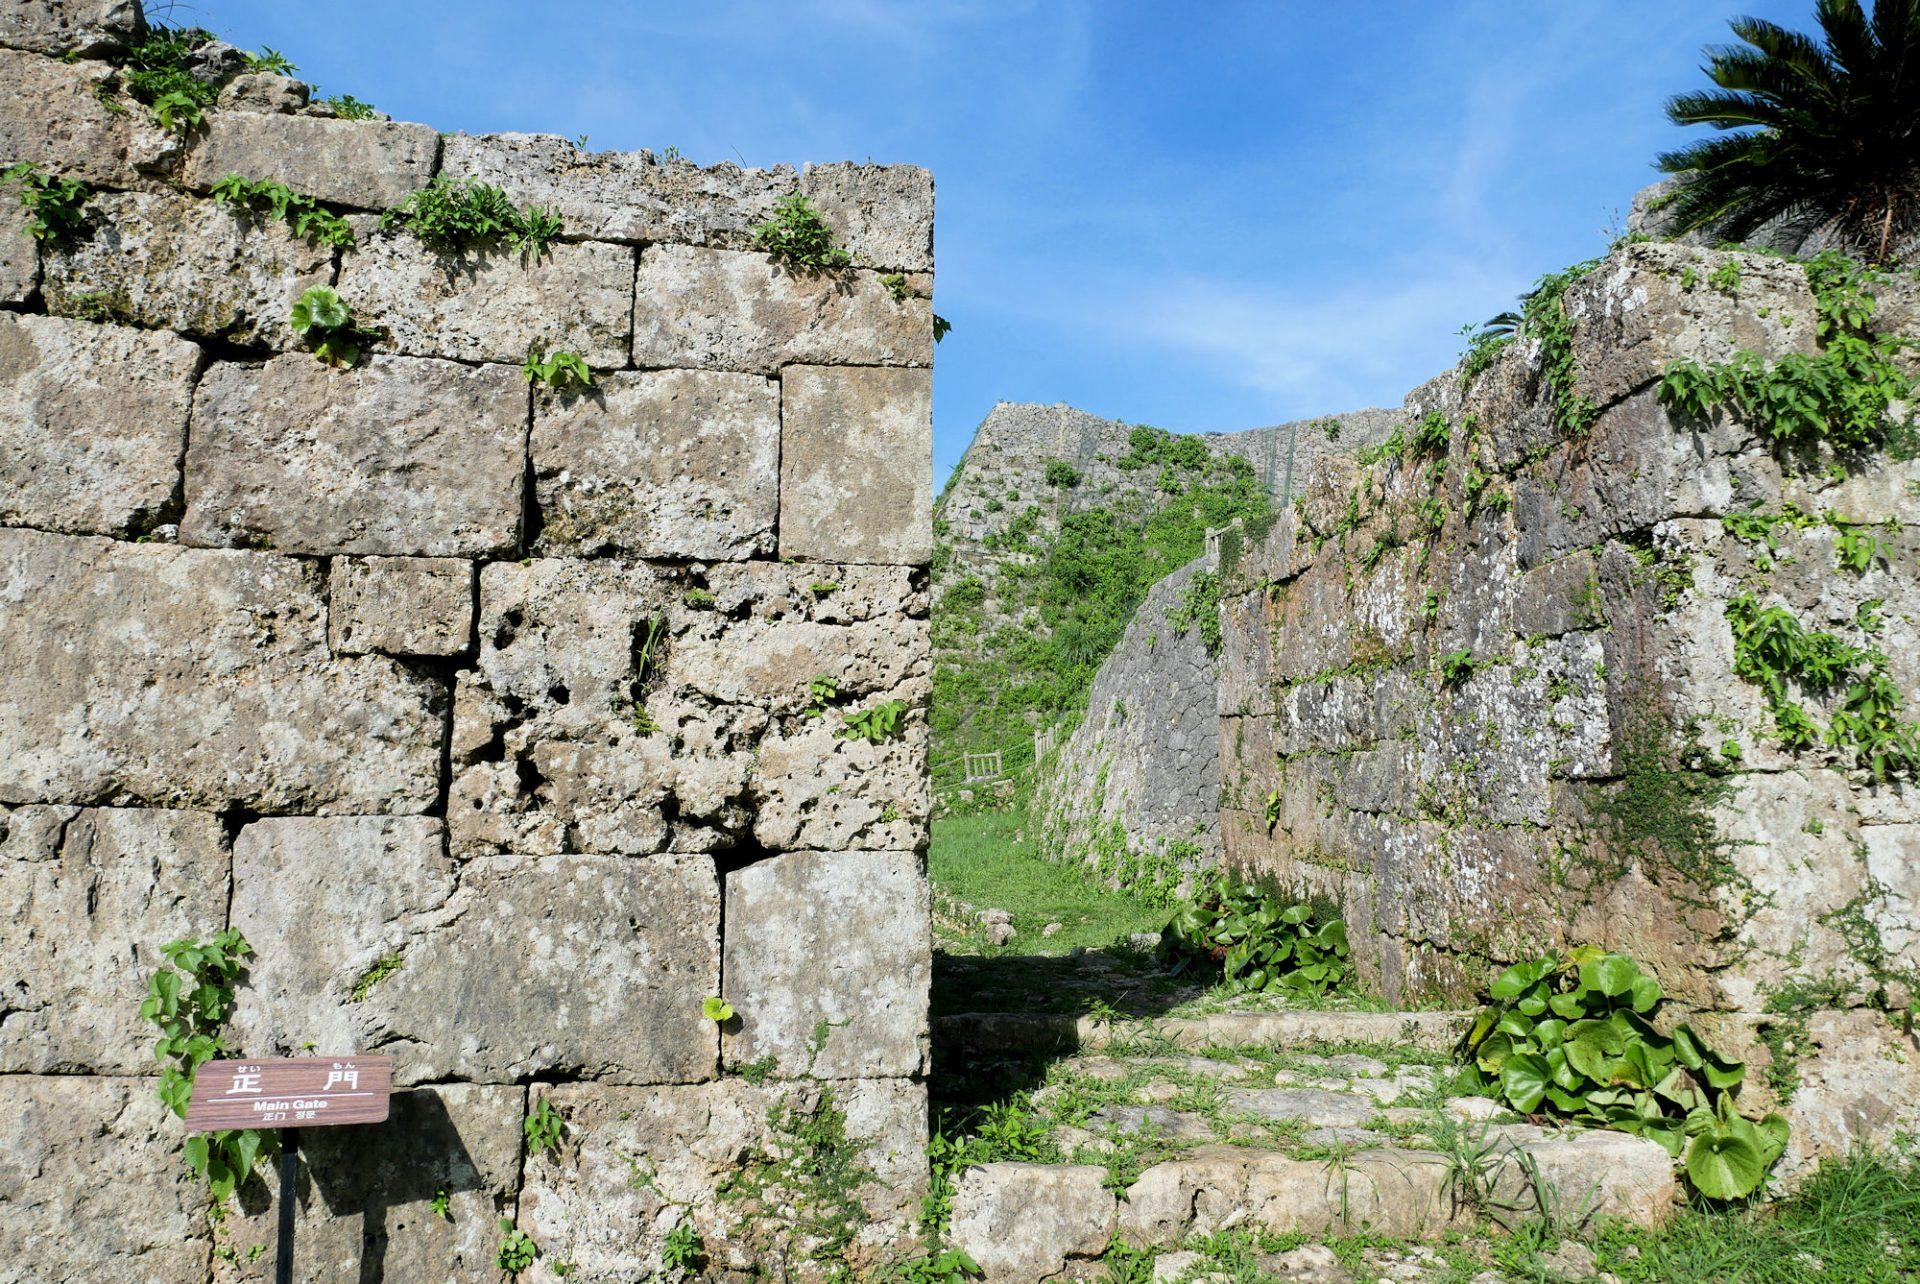 正門 中城村 世界遺産 中城城跡 沖縄 観光 旅行 歴史